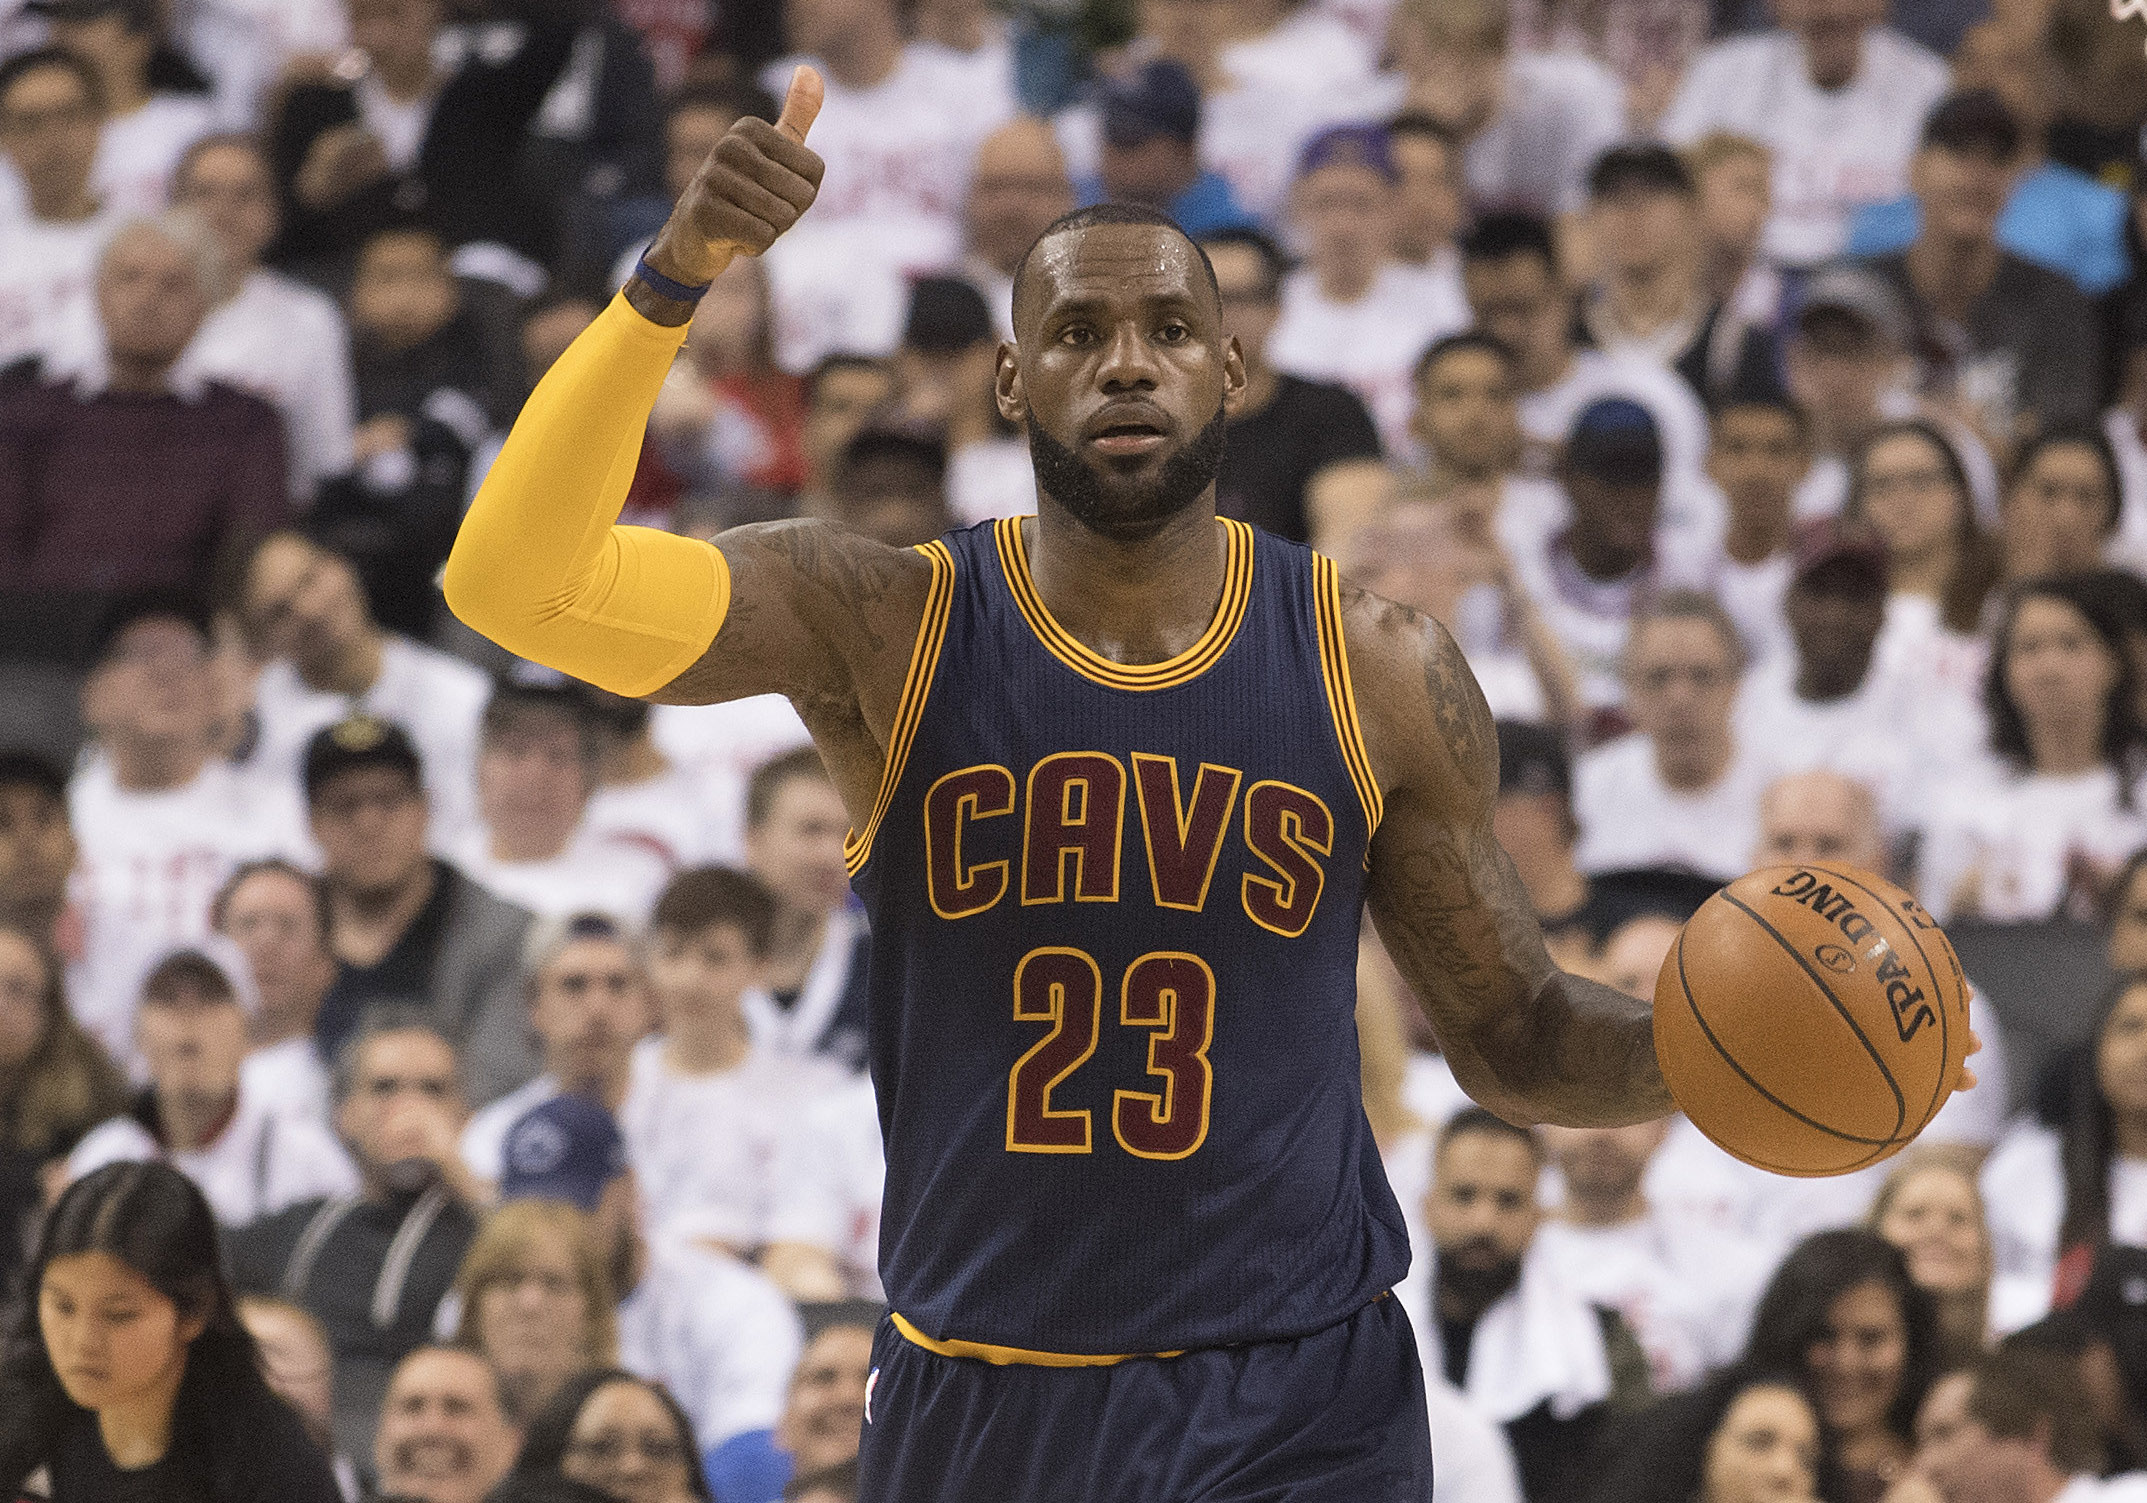 ae7a0b1aca51 NBA divulga seleção da temporada  recorde de LeBron